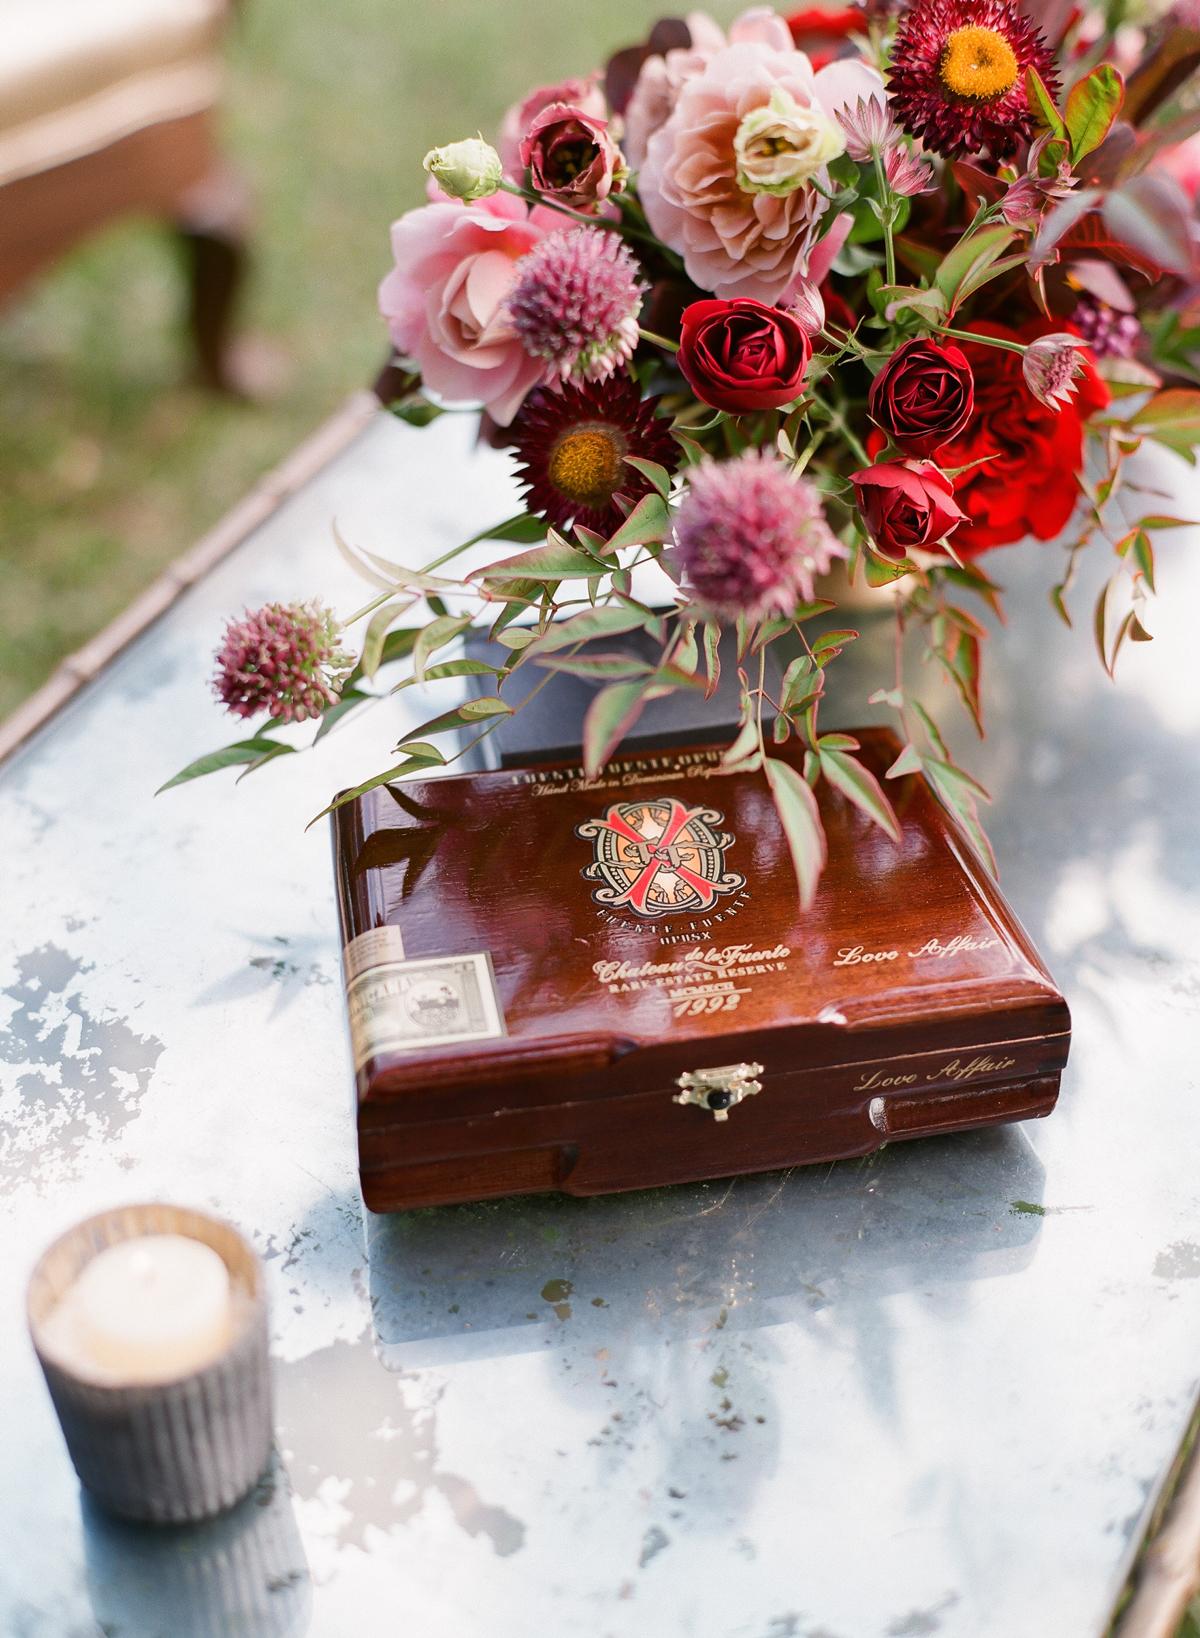 cigar case next to floral arrangement